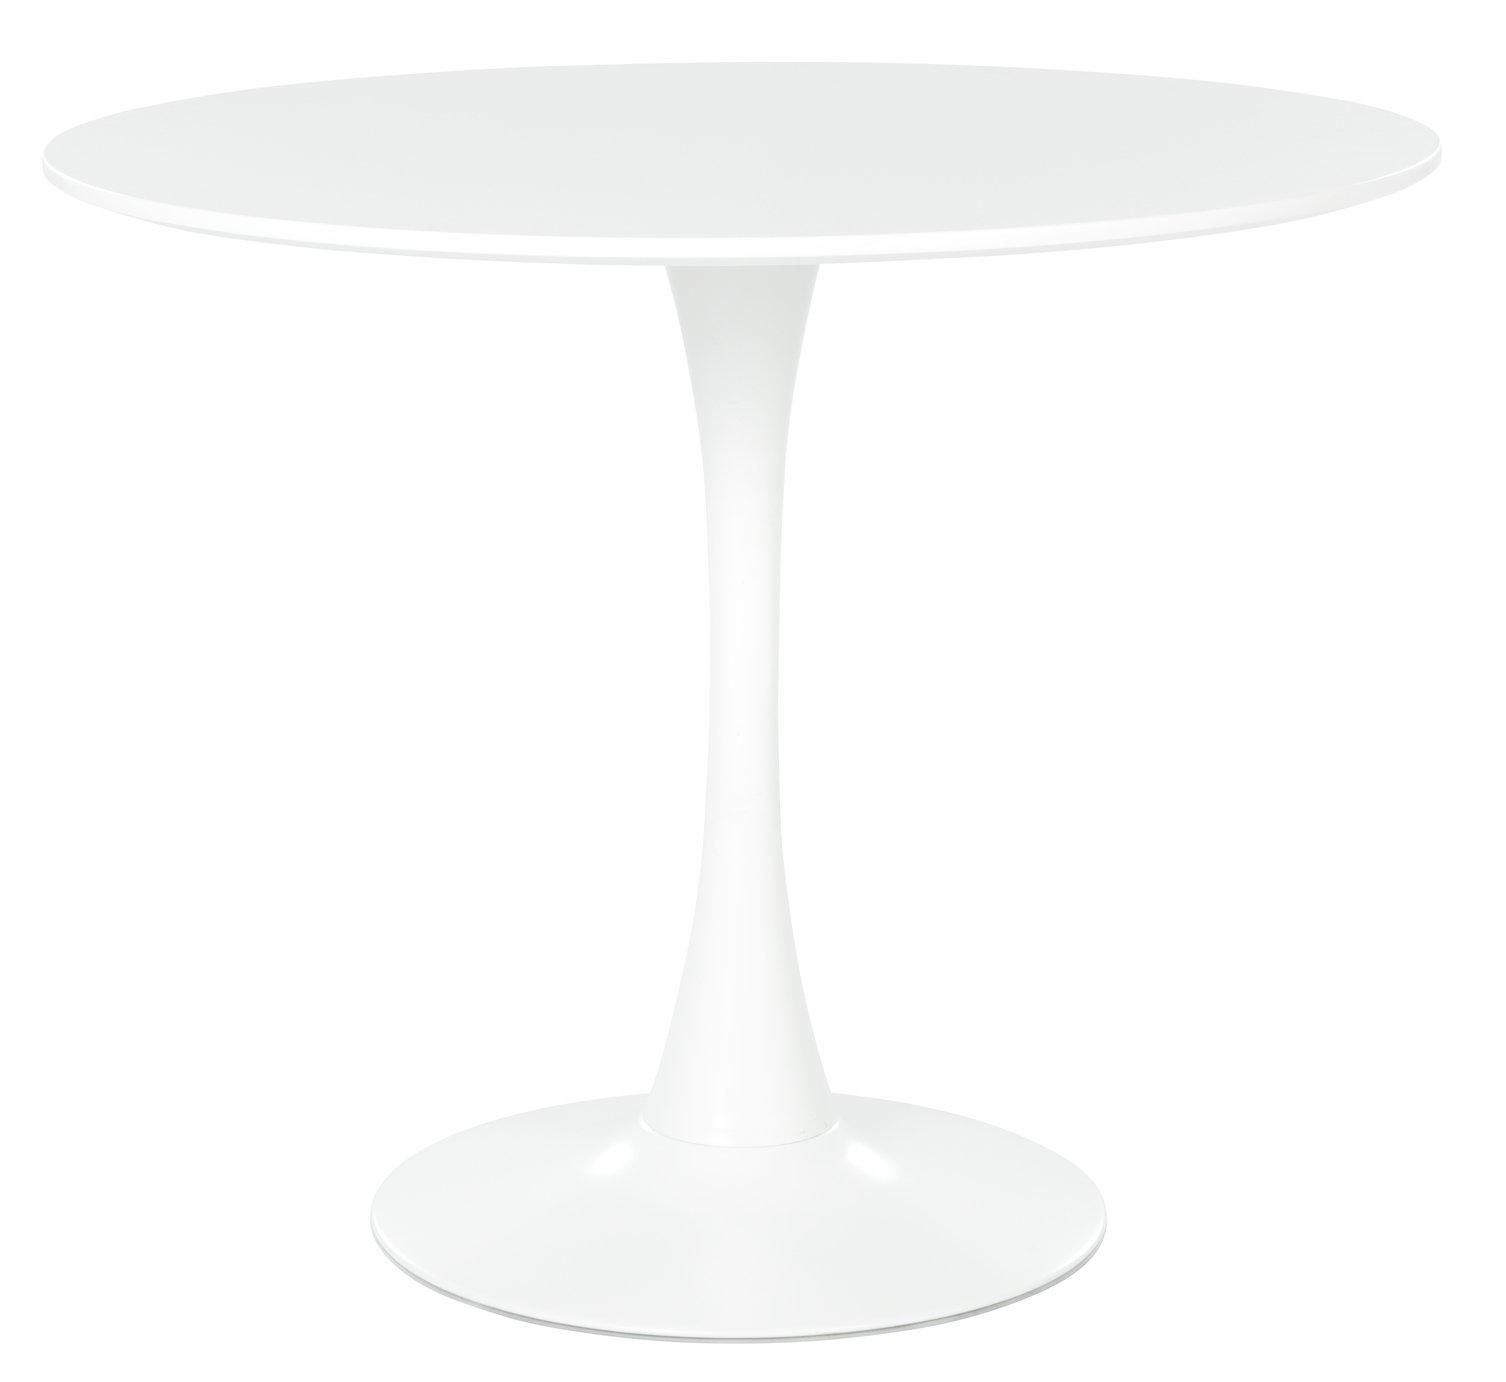 Habitat Tulip 4 Seater Round Dining Table - White